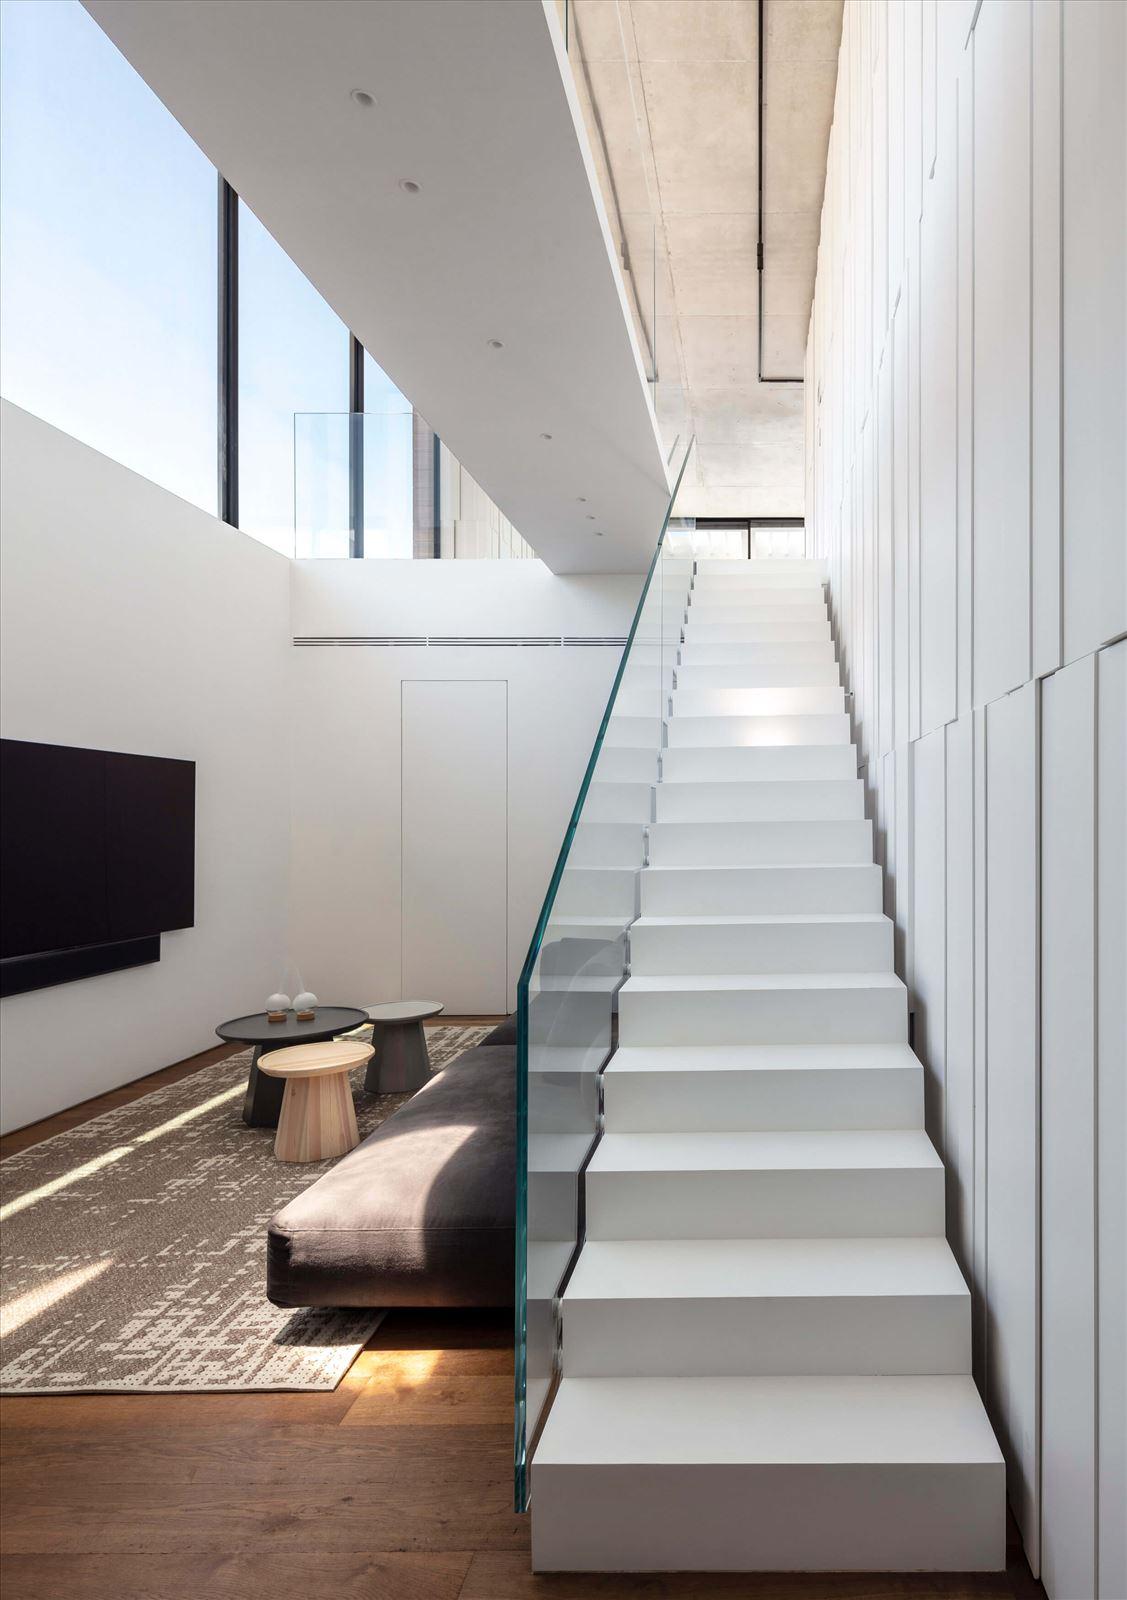 תאורת מדרגות בפנטהאוז מבית קמחי תאורה